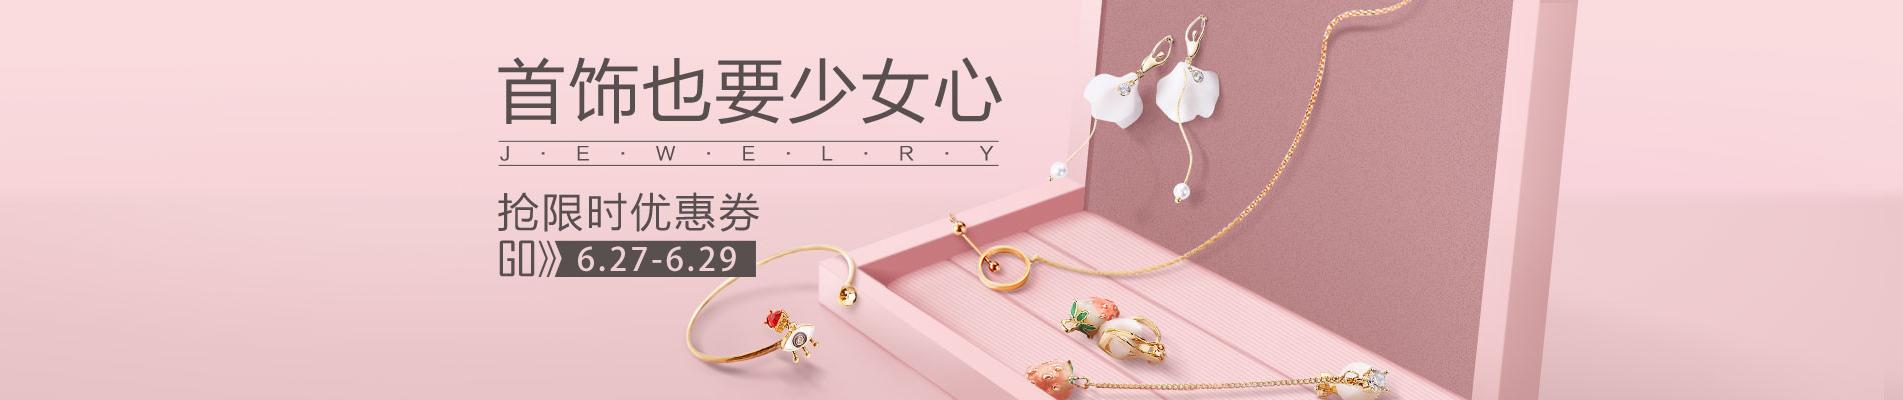 Order trang sức phục kiện taobao giá sỉ lẻ tháng 8-2018